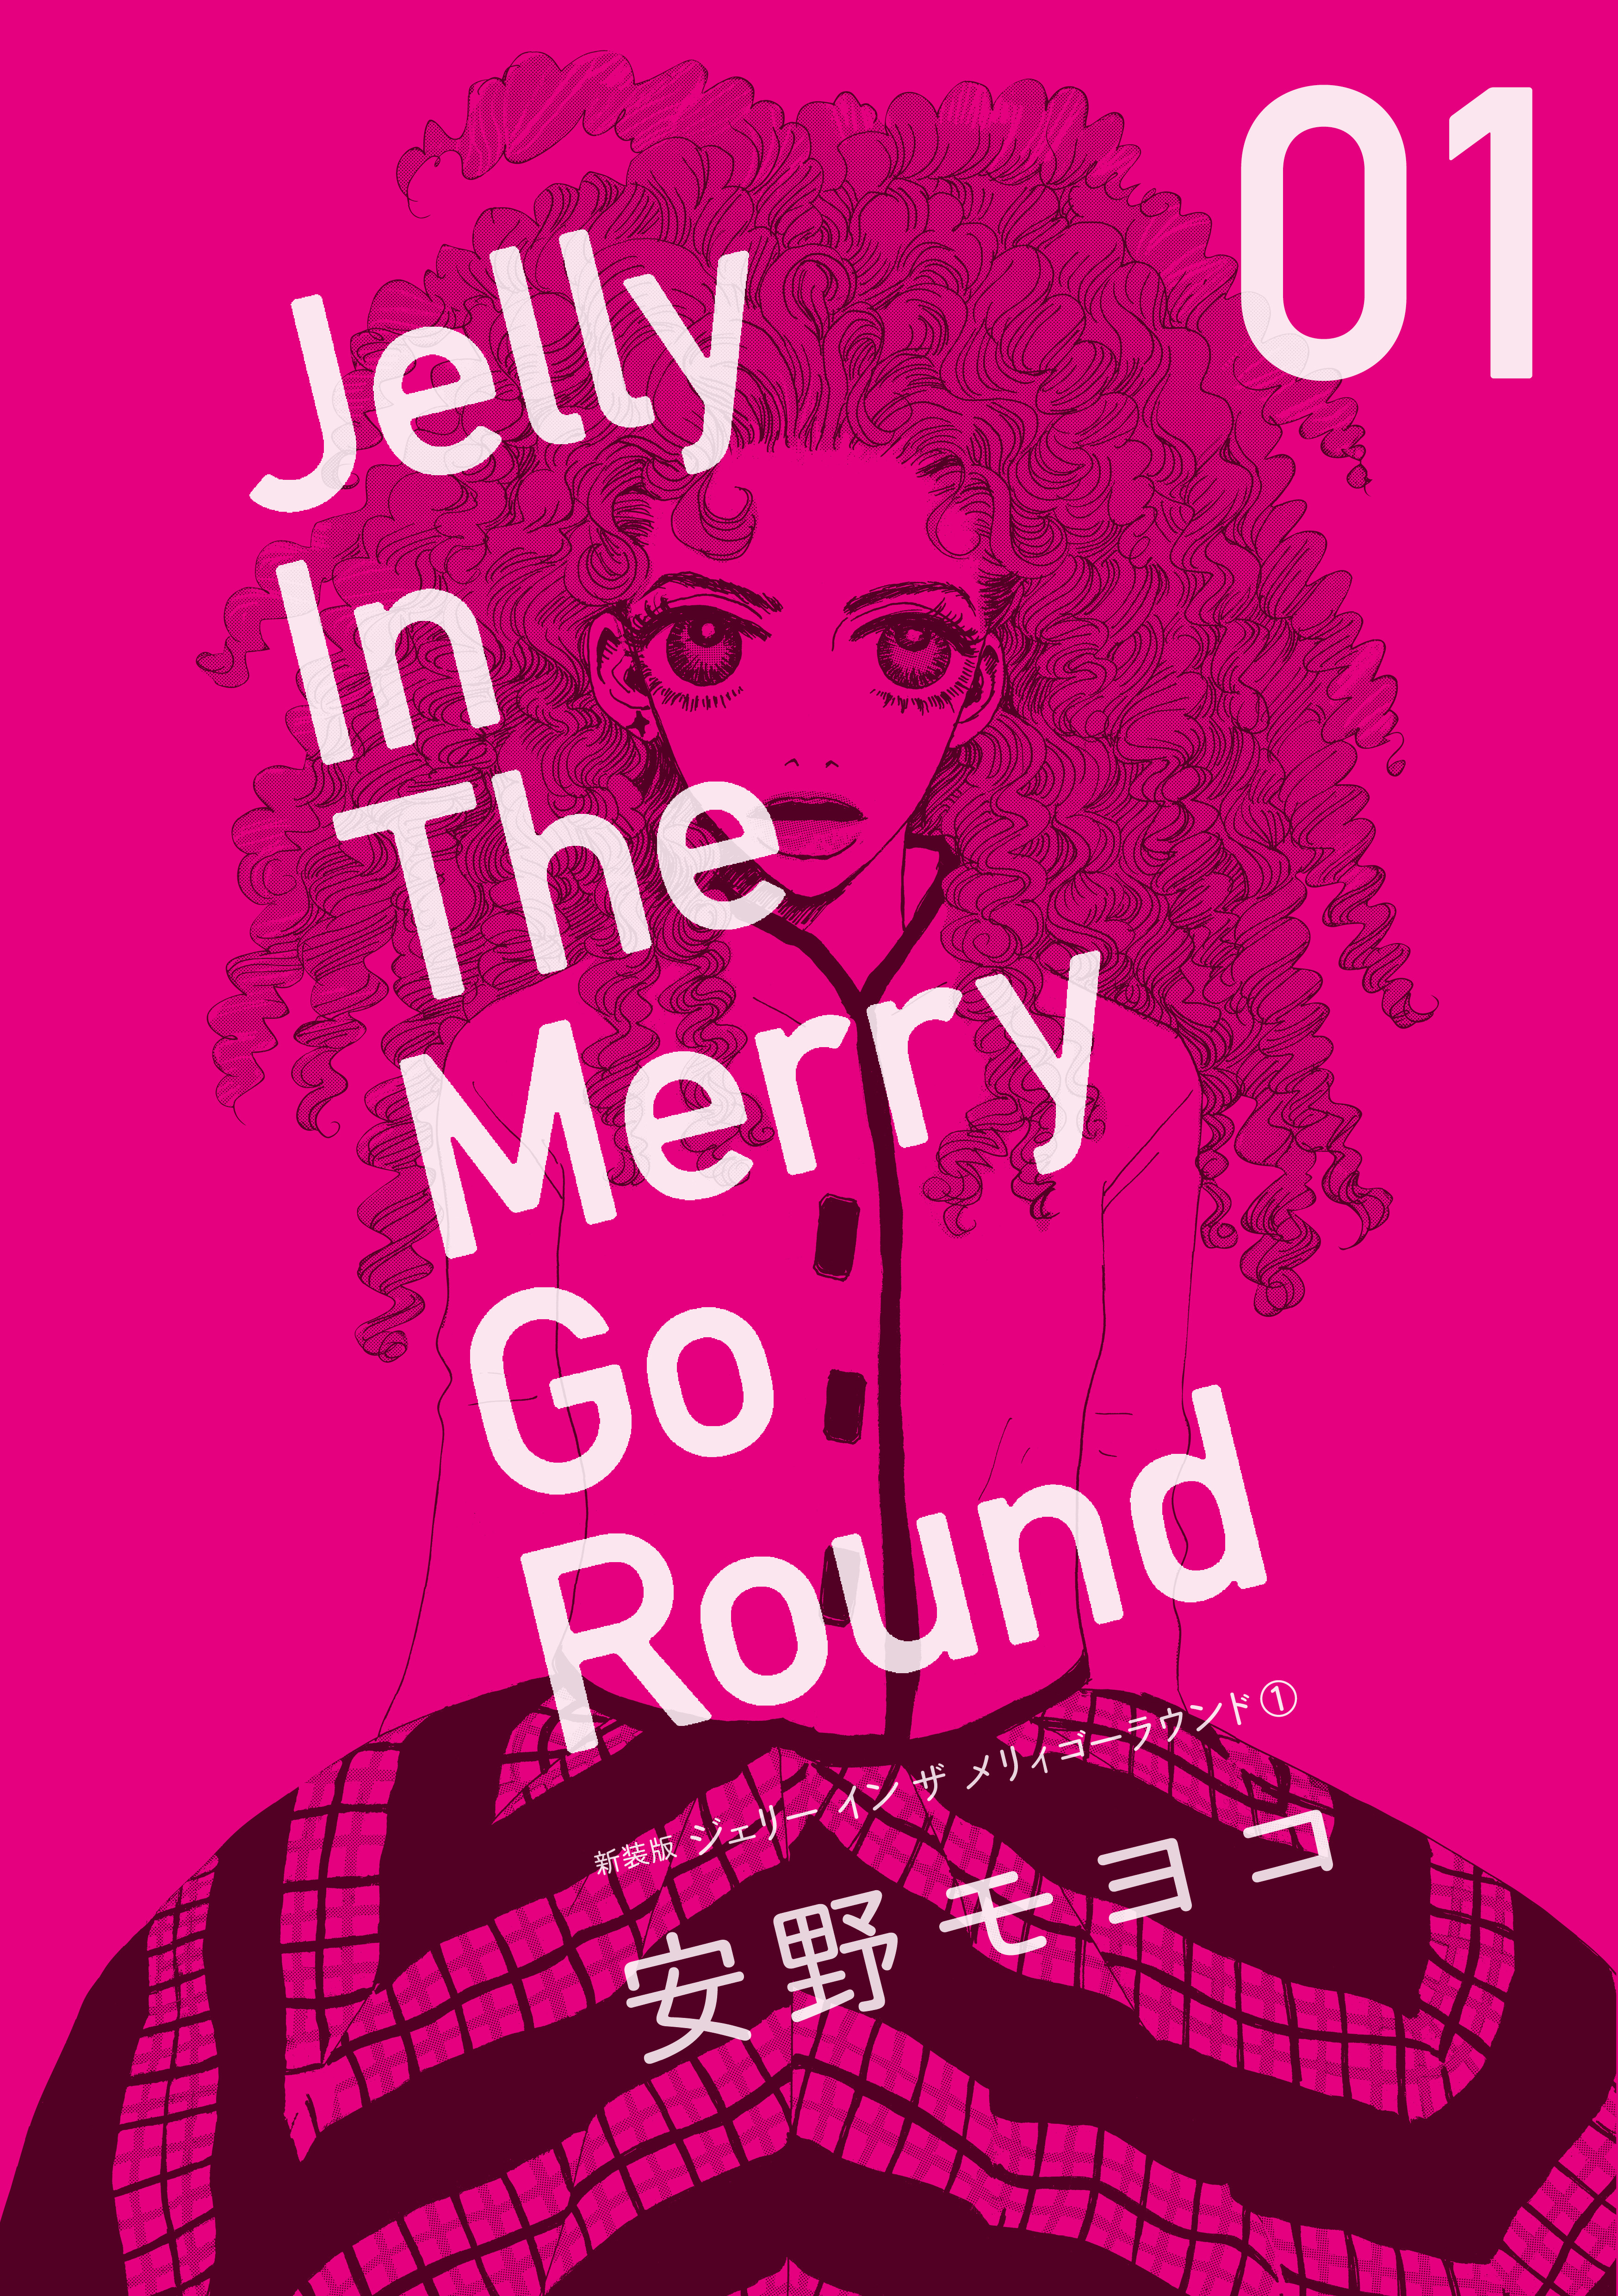 新装版 ジェリー イン ザ メリィゴーラウンド (1)